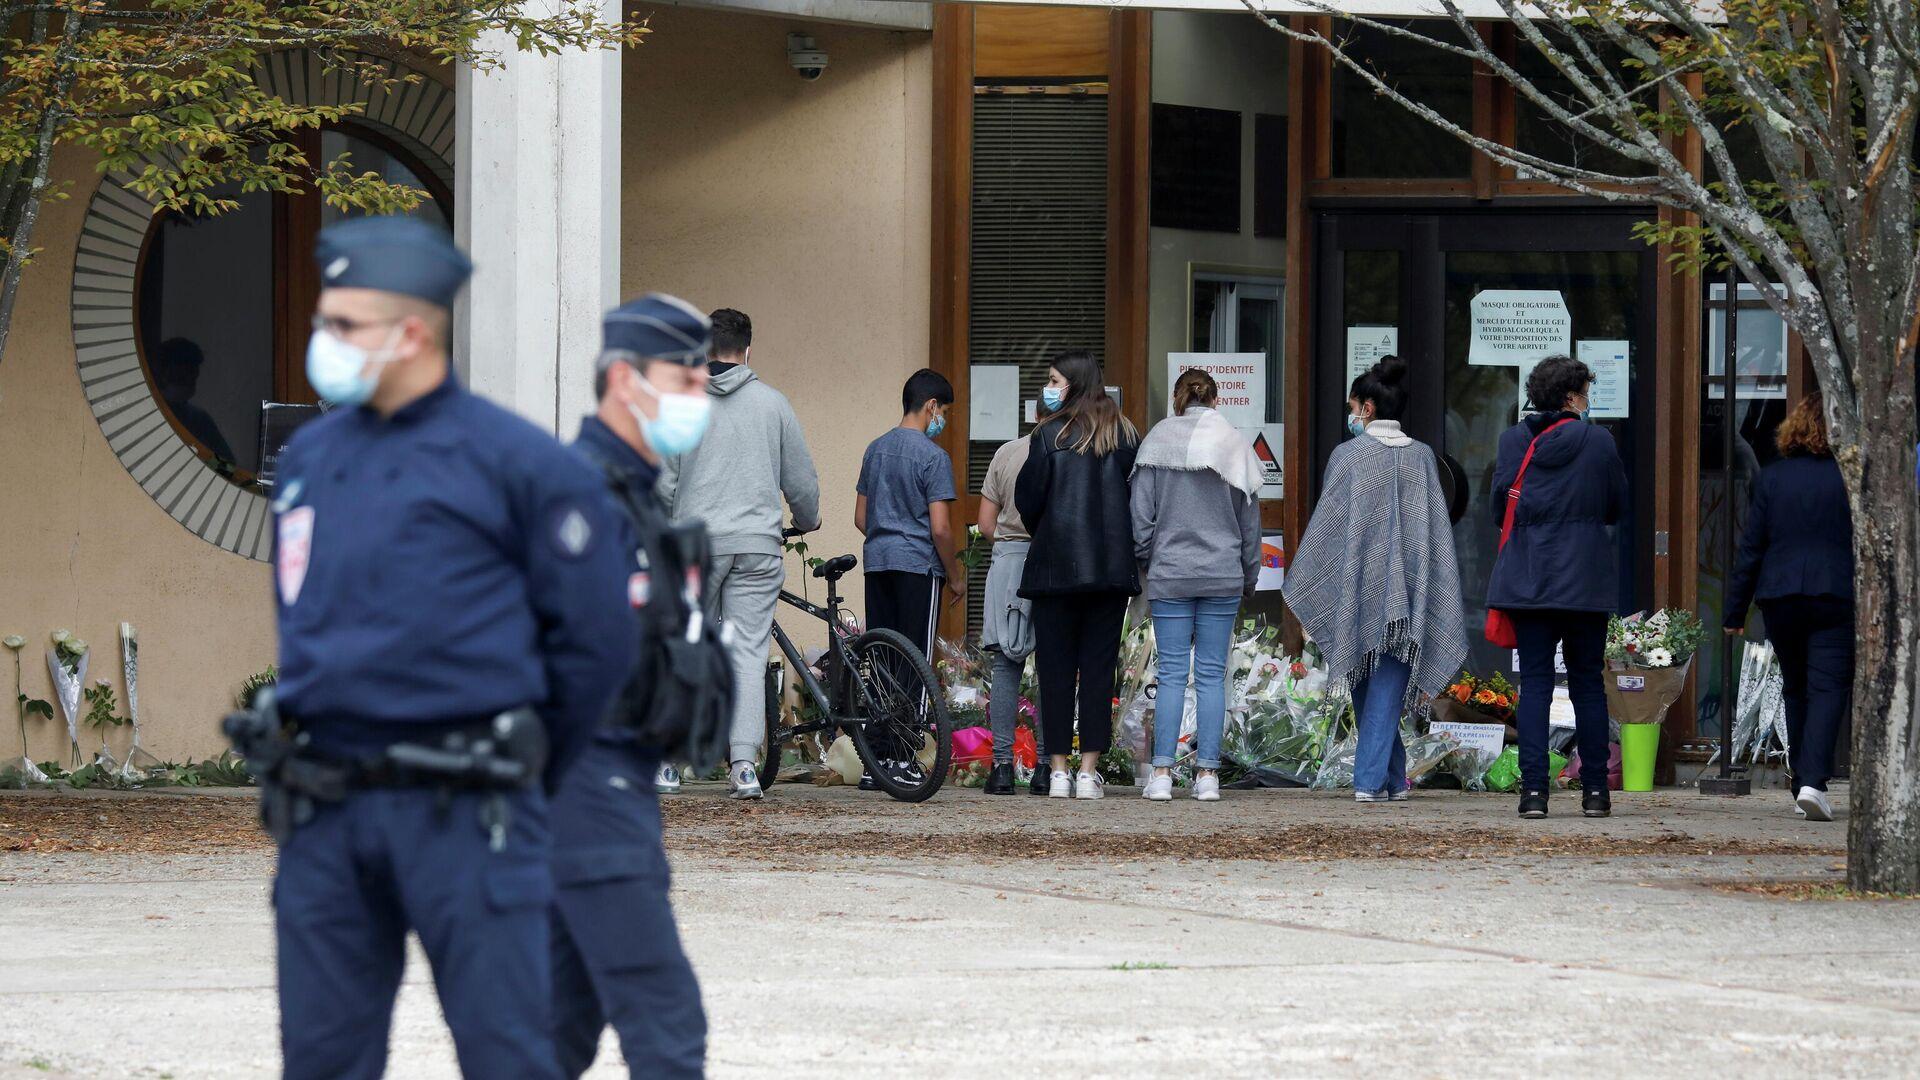 Люди несут цветы к месту, где было совершено нападение на учителя в коммуне Конфлан-Сент-Онорин, Франция - РИА Новости, 1920, 18.10.2020